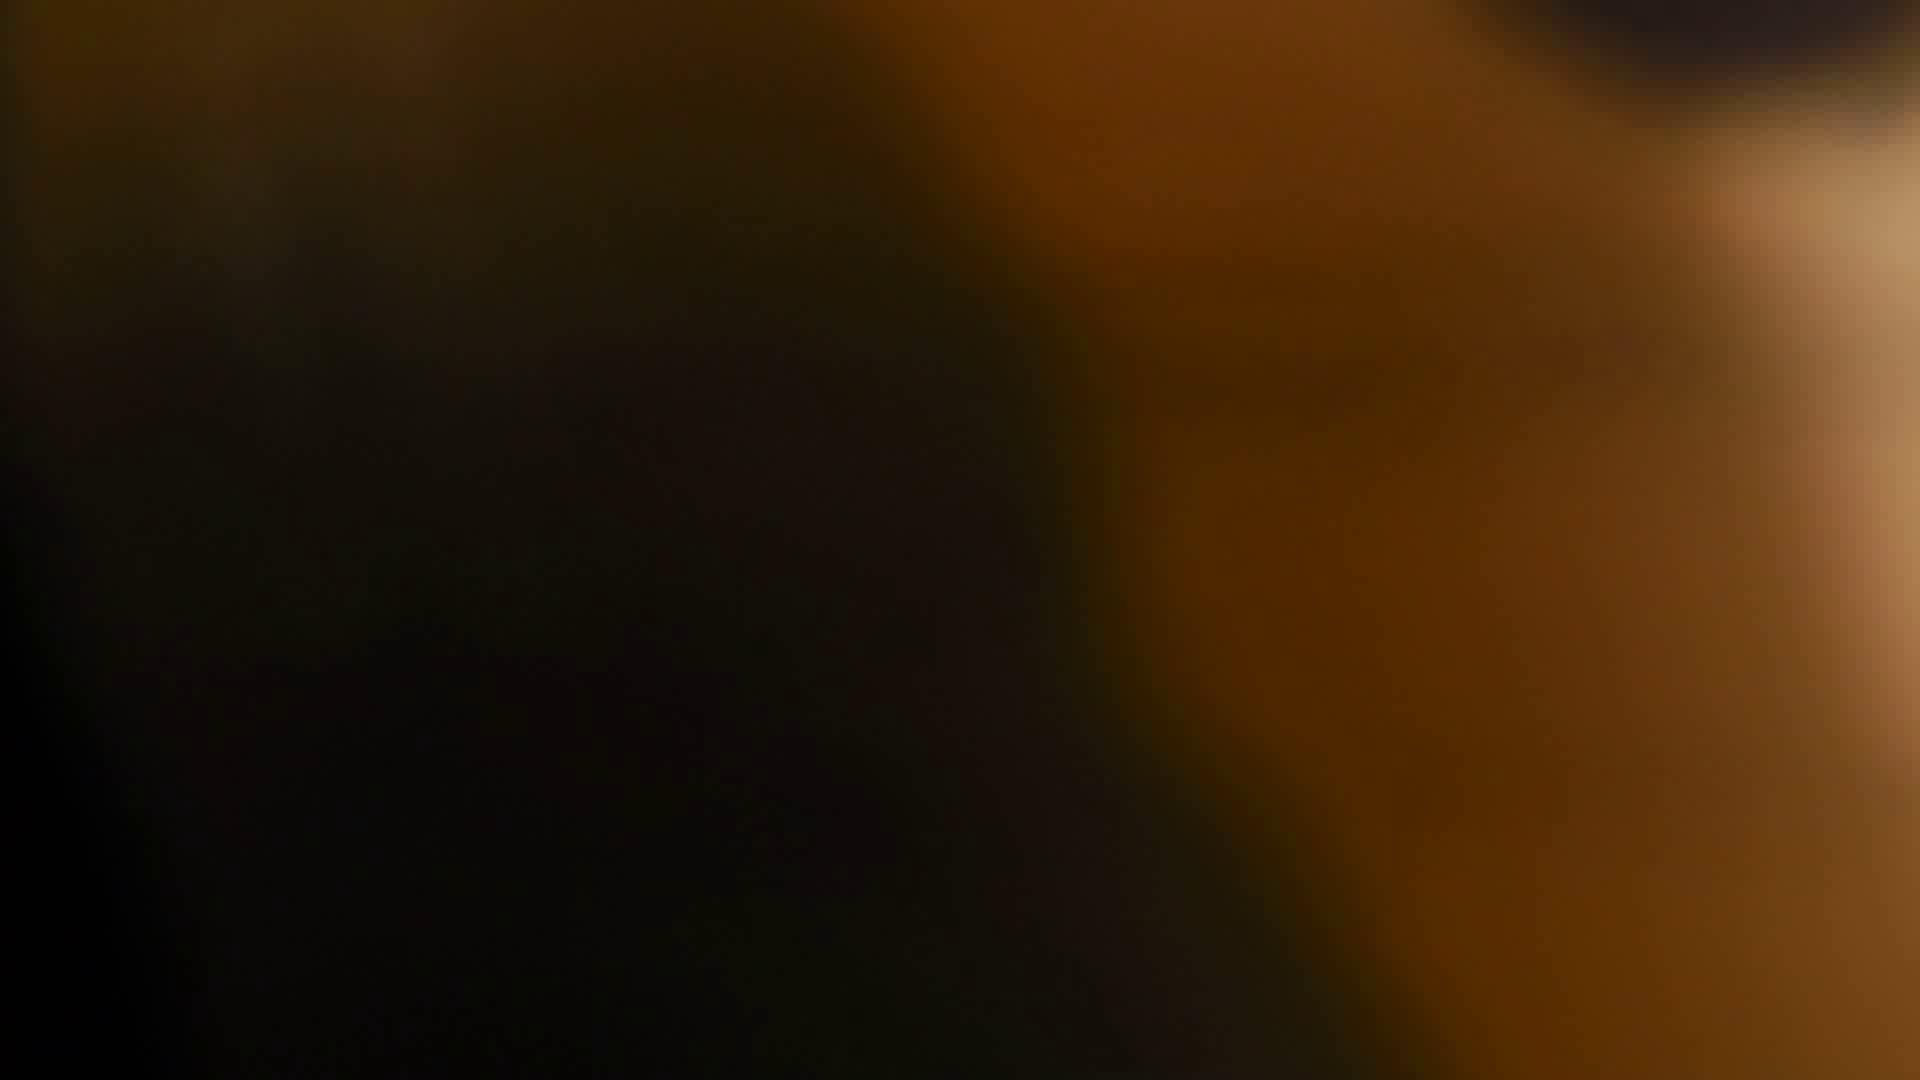 阿国ちゃんの「和式洋式七変化」No.18 iBO(フタコブ) ギャル達 | お姉さんのSEX  105枚 43